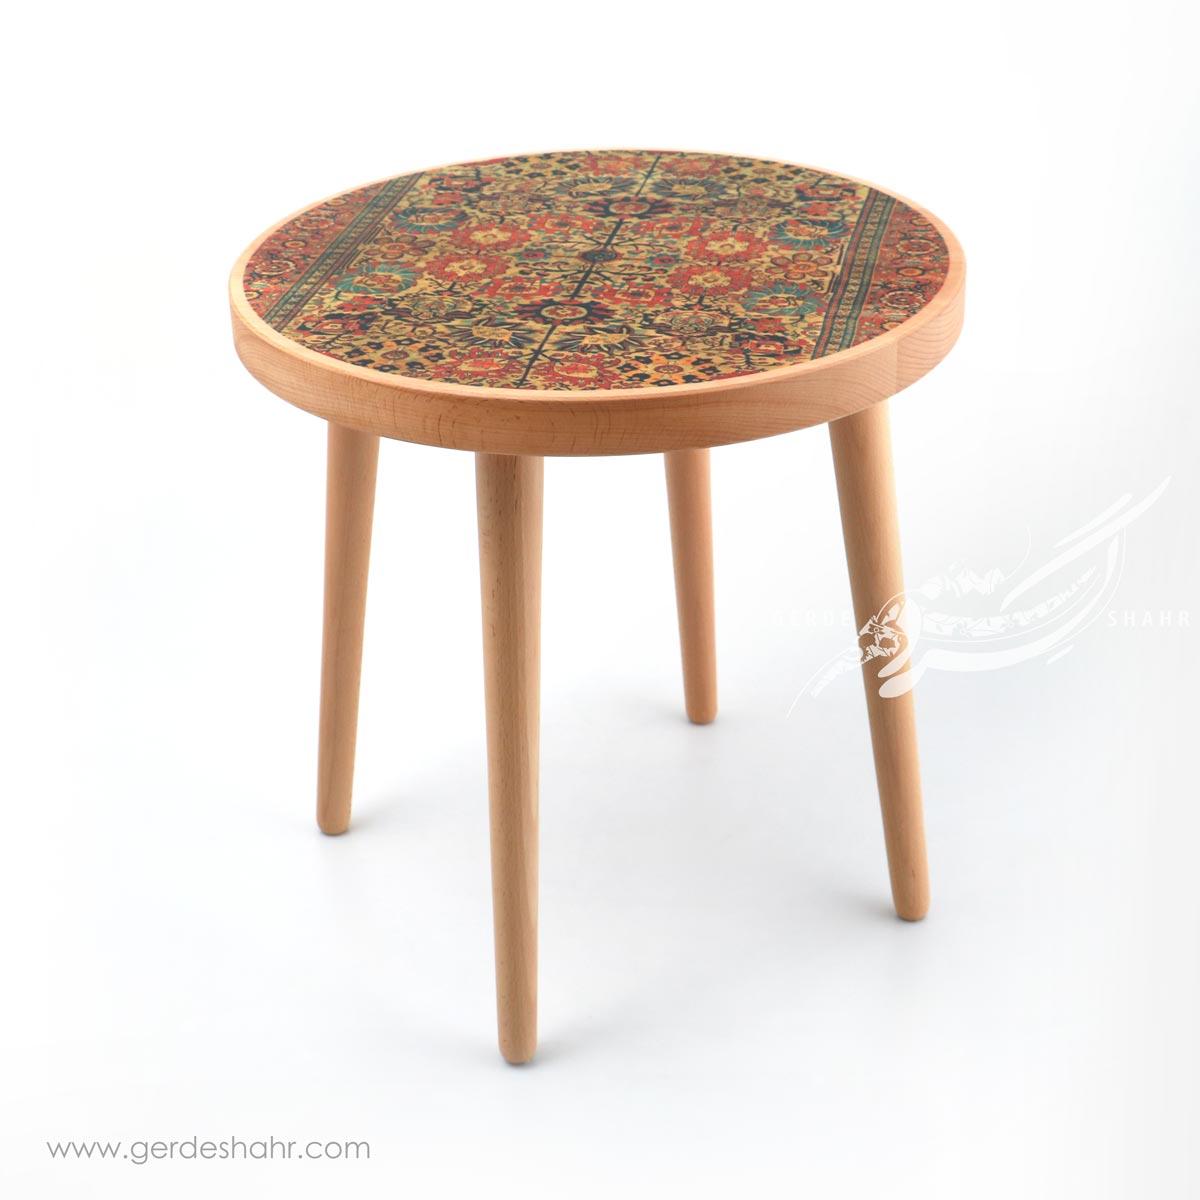 میز کوچک رویای بهشت صباغ کارمان محصولات